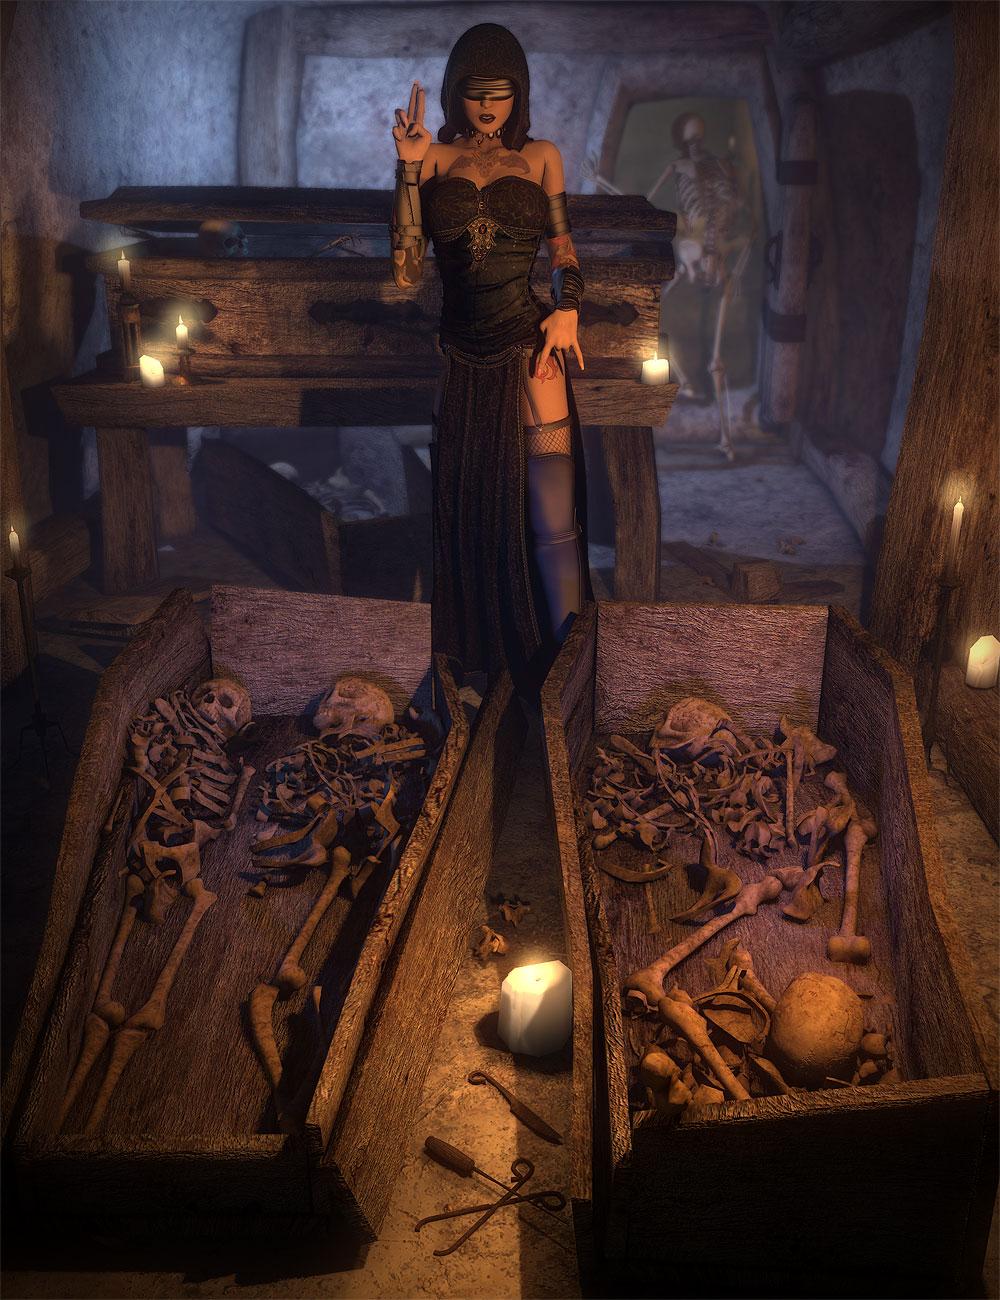 Them Bones 3 by: Orestes Graphics, 3D Models by Daz 3D